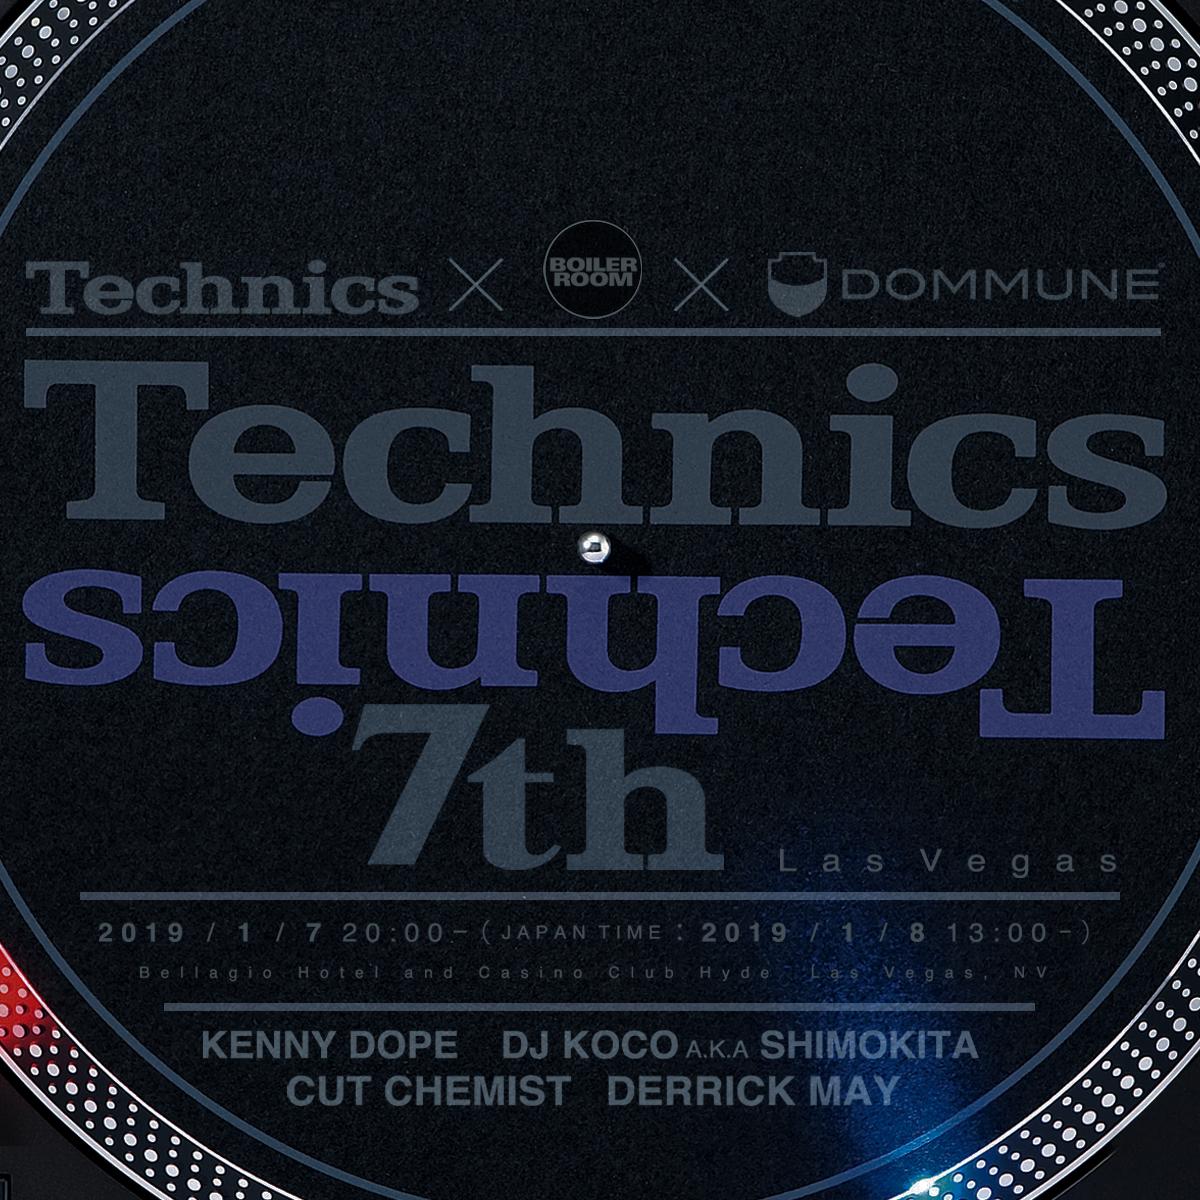 Boiler Room x Technics x Dommune Flyer Image